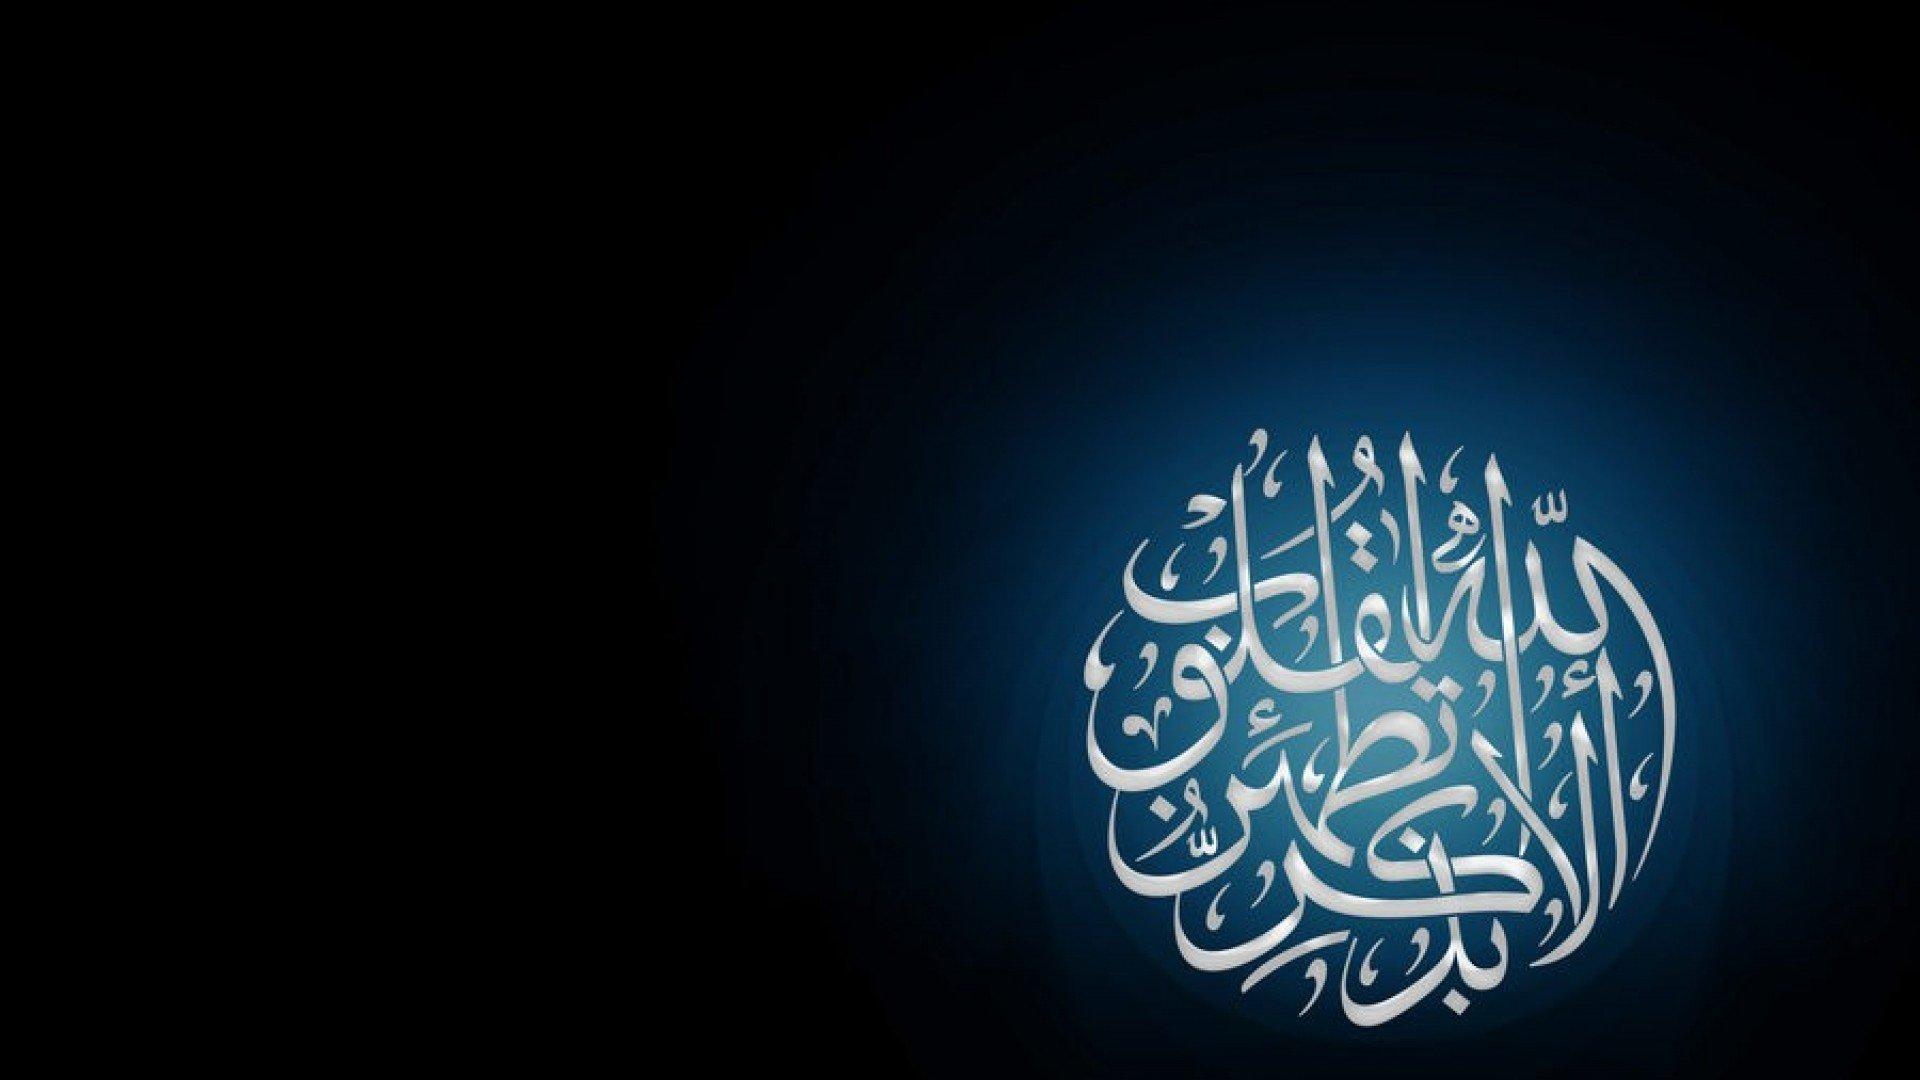 islam wallpaper 045